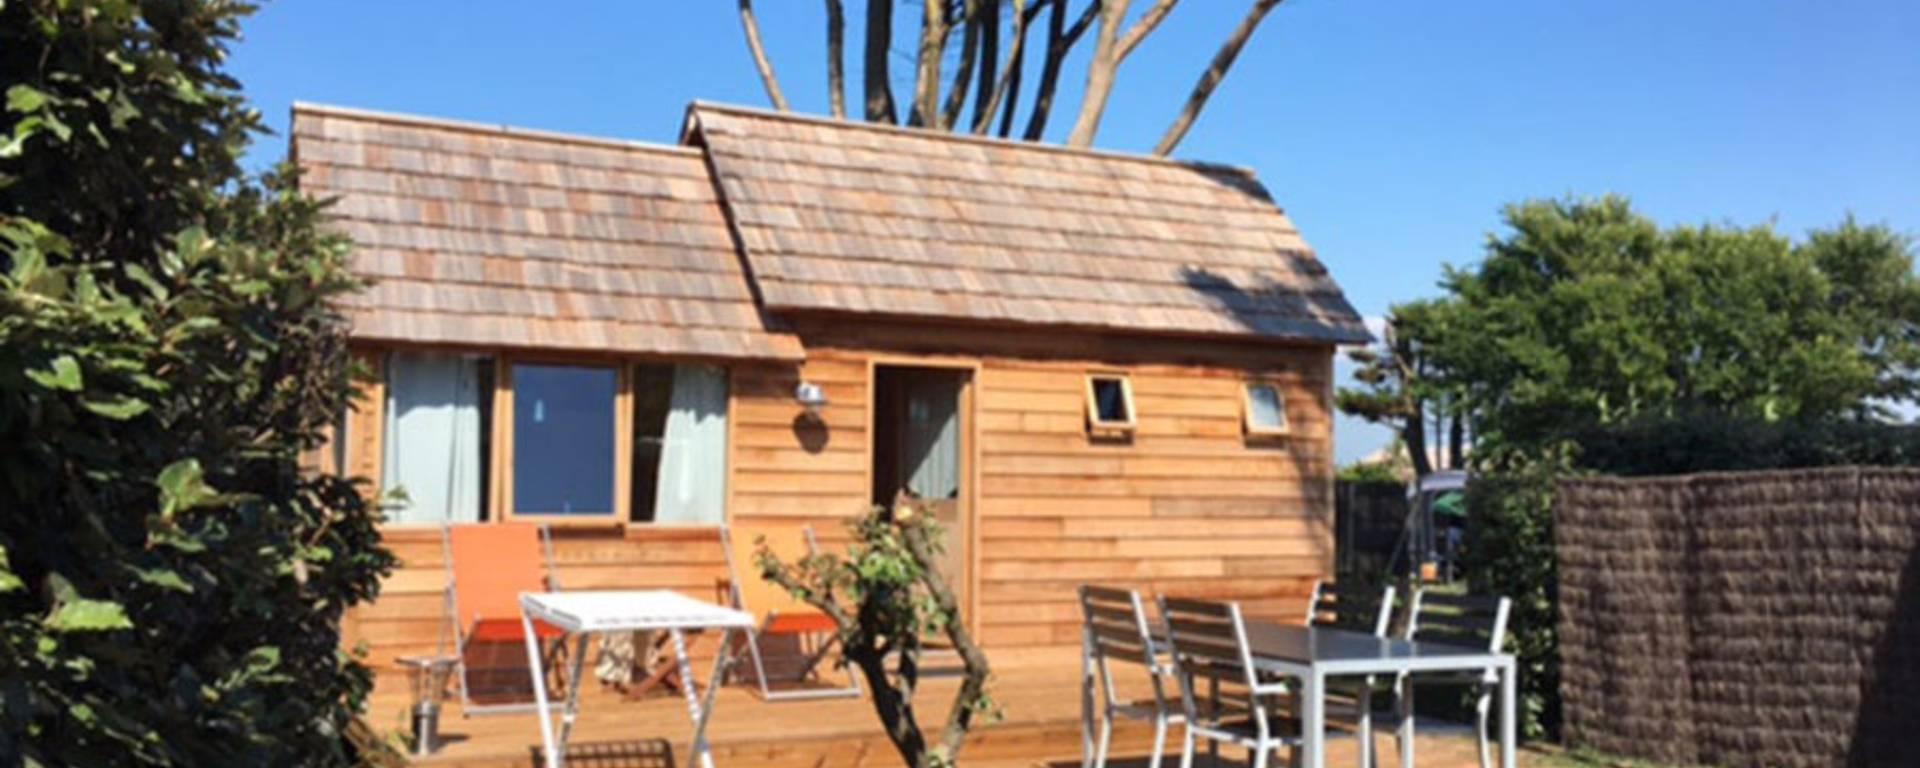 Cabane en bois, terrasse (c) Les Baleines